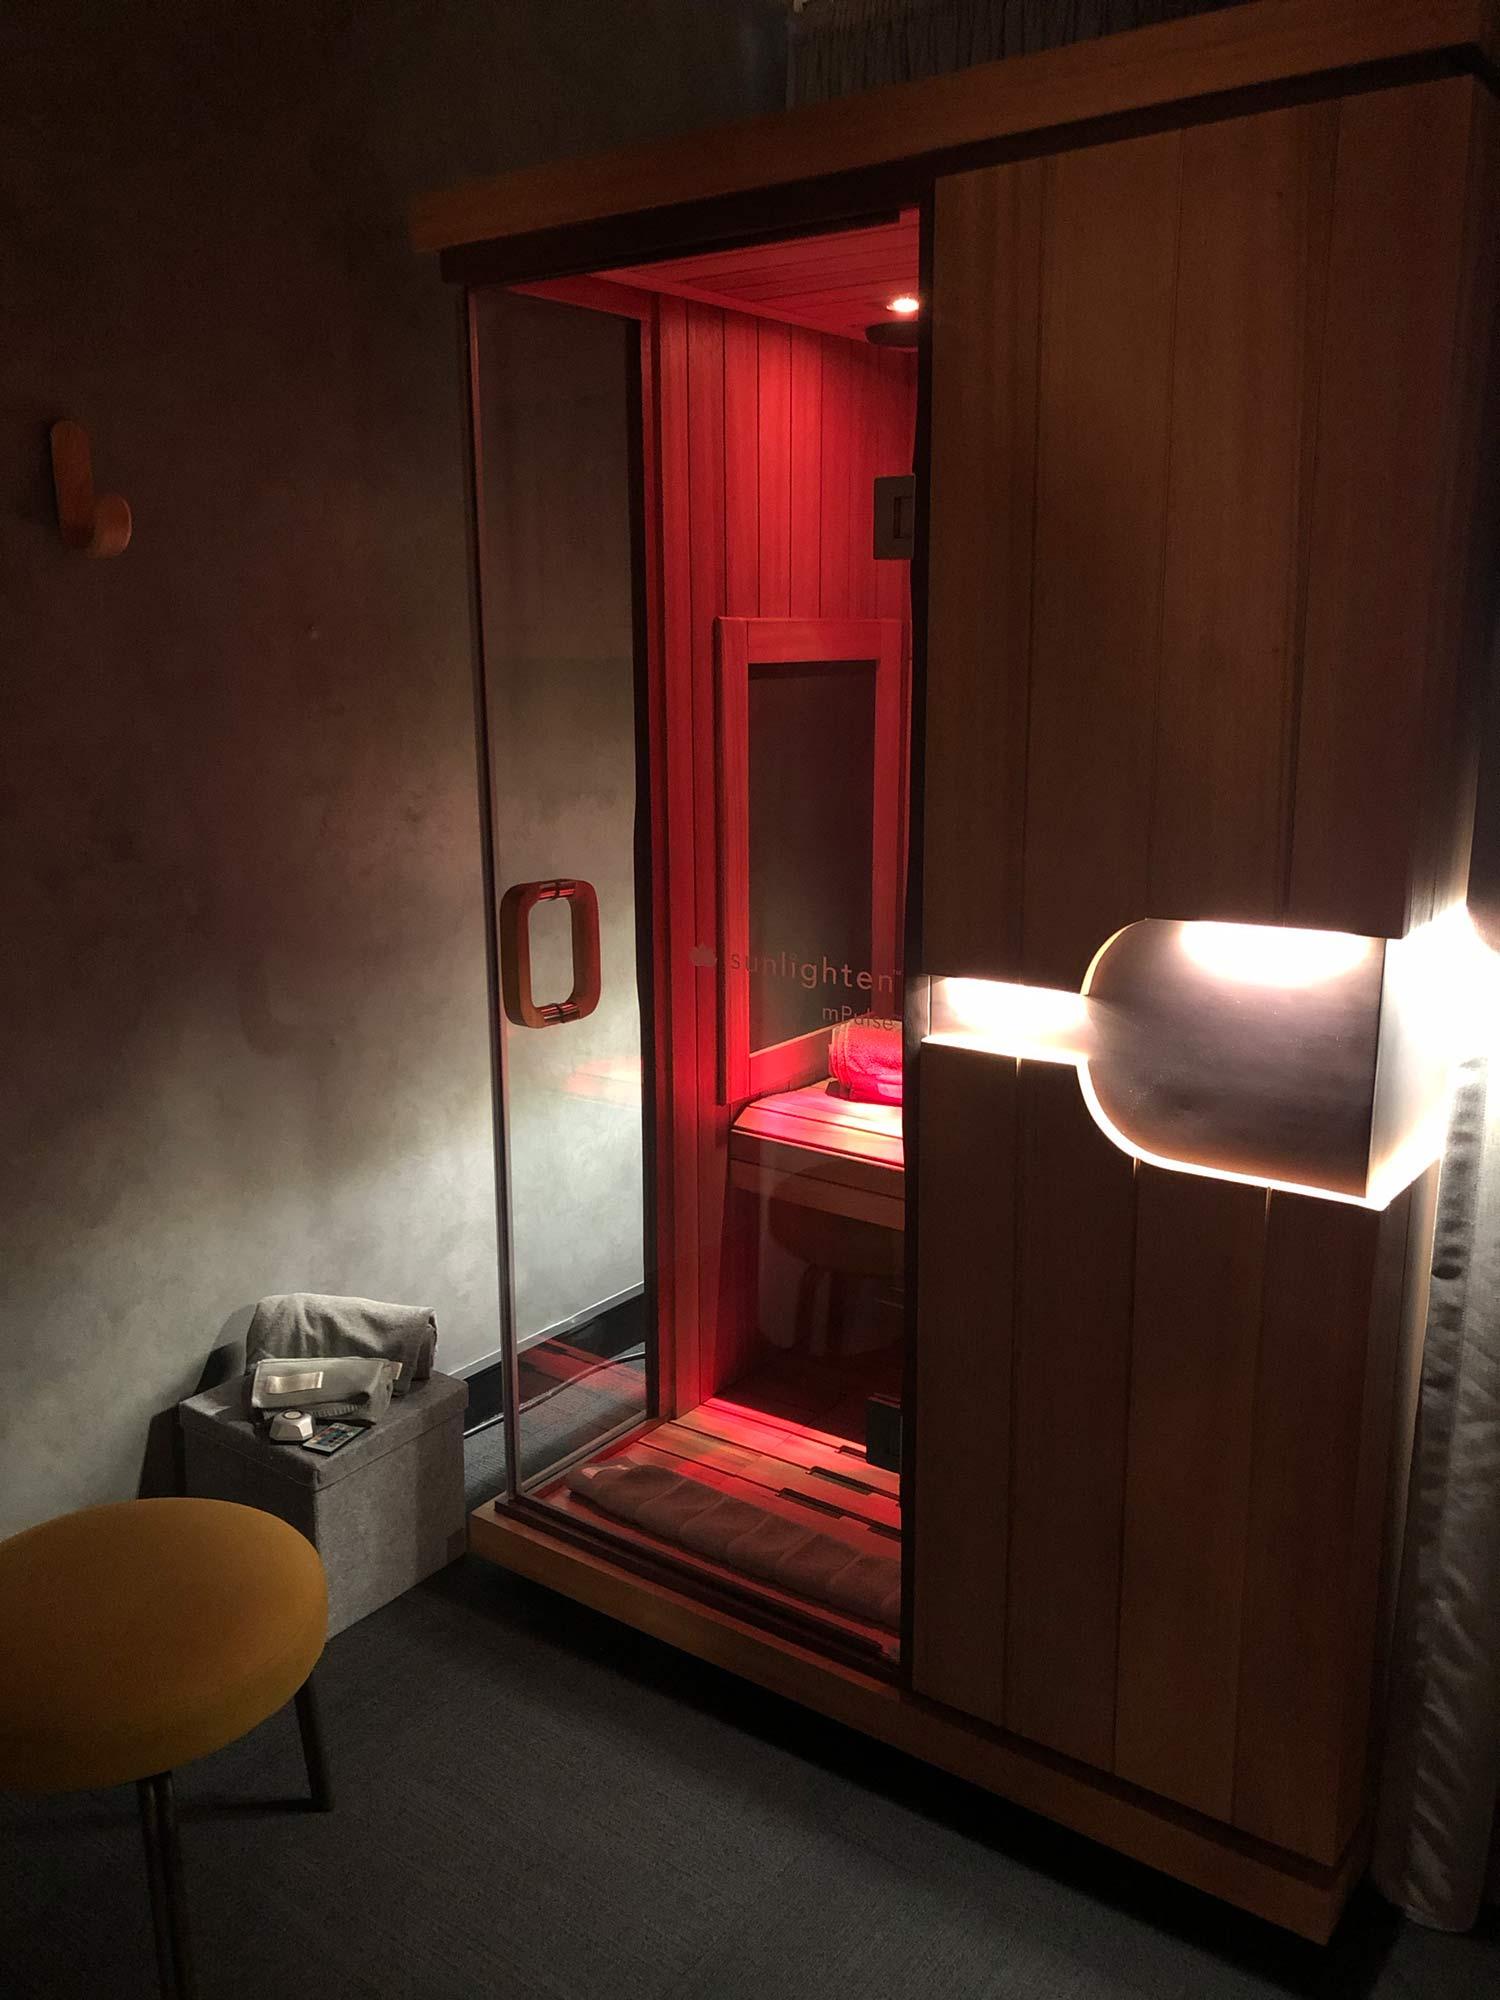 image of full spectrum sauna 1-2 person